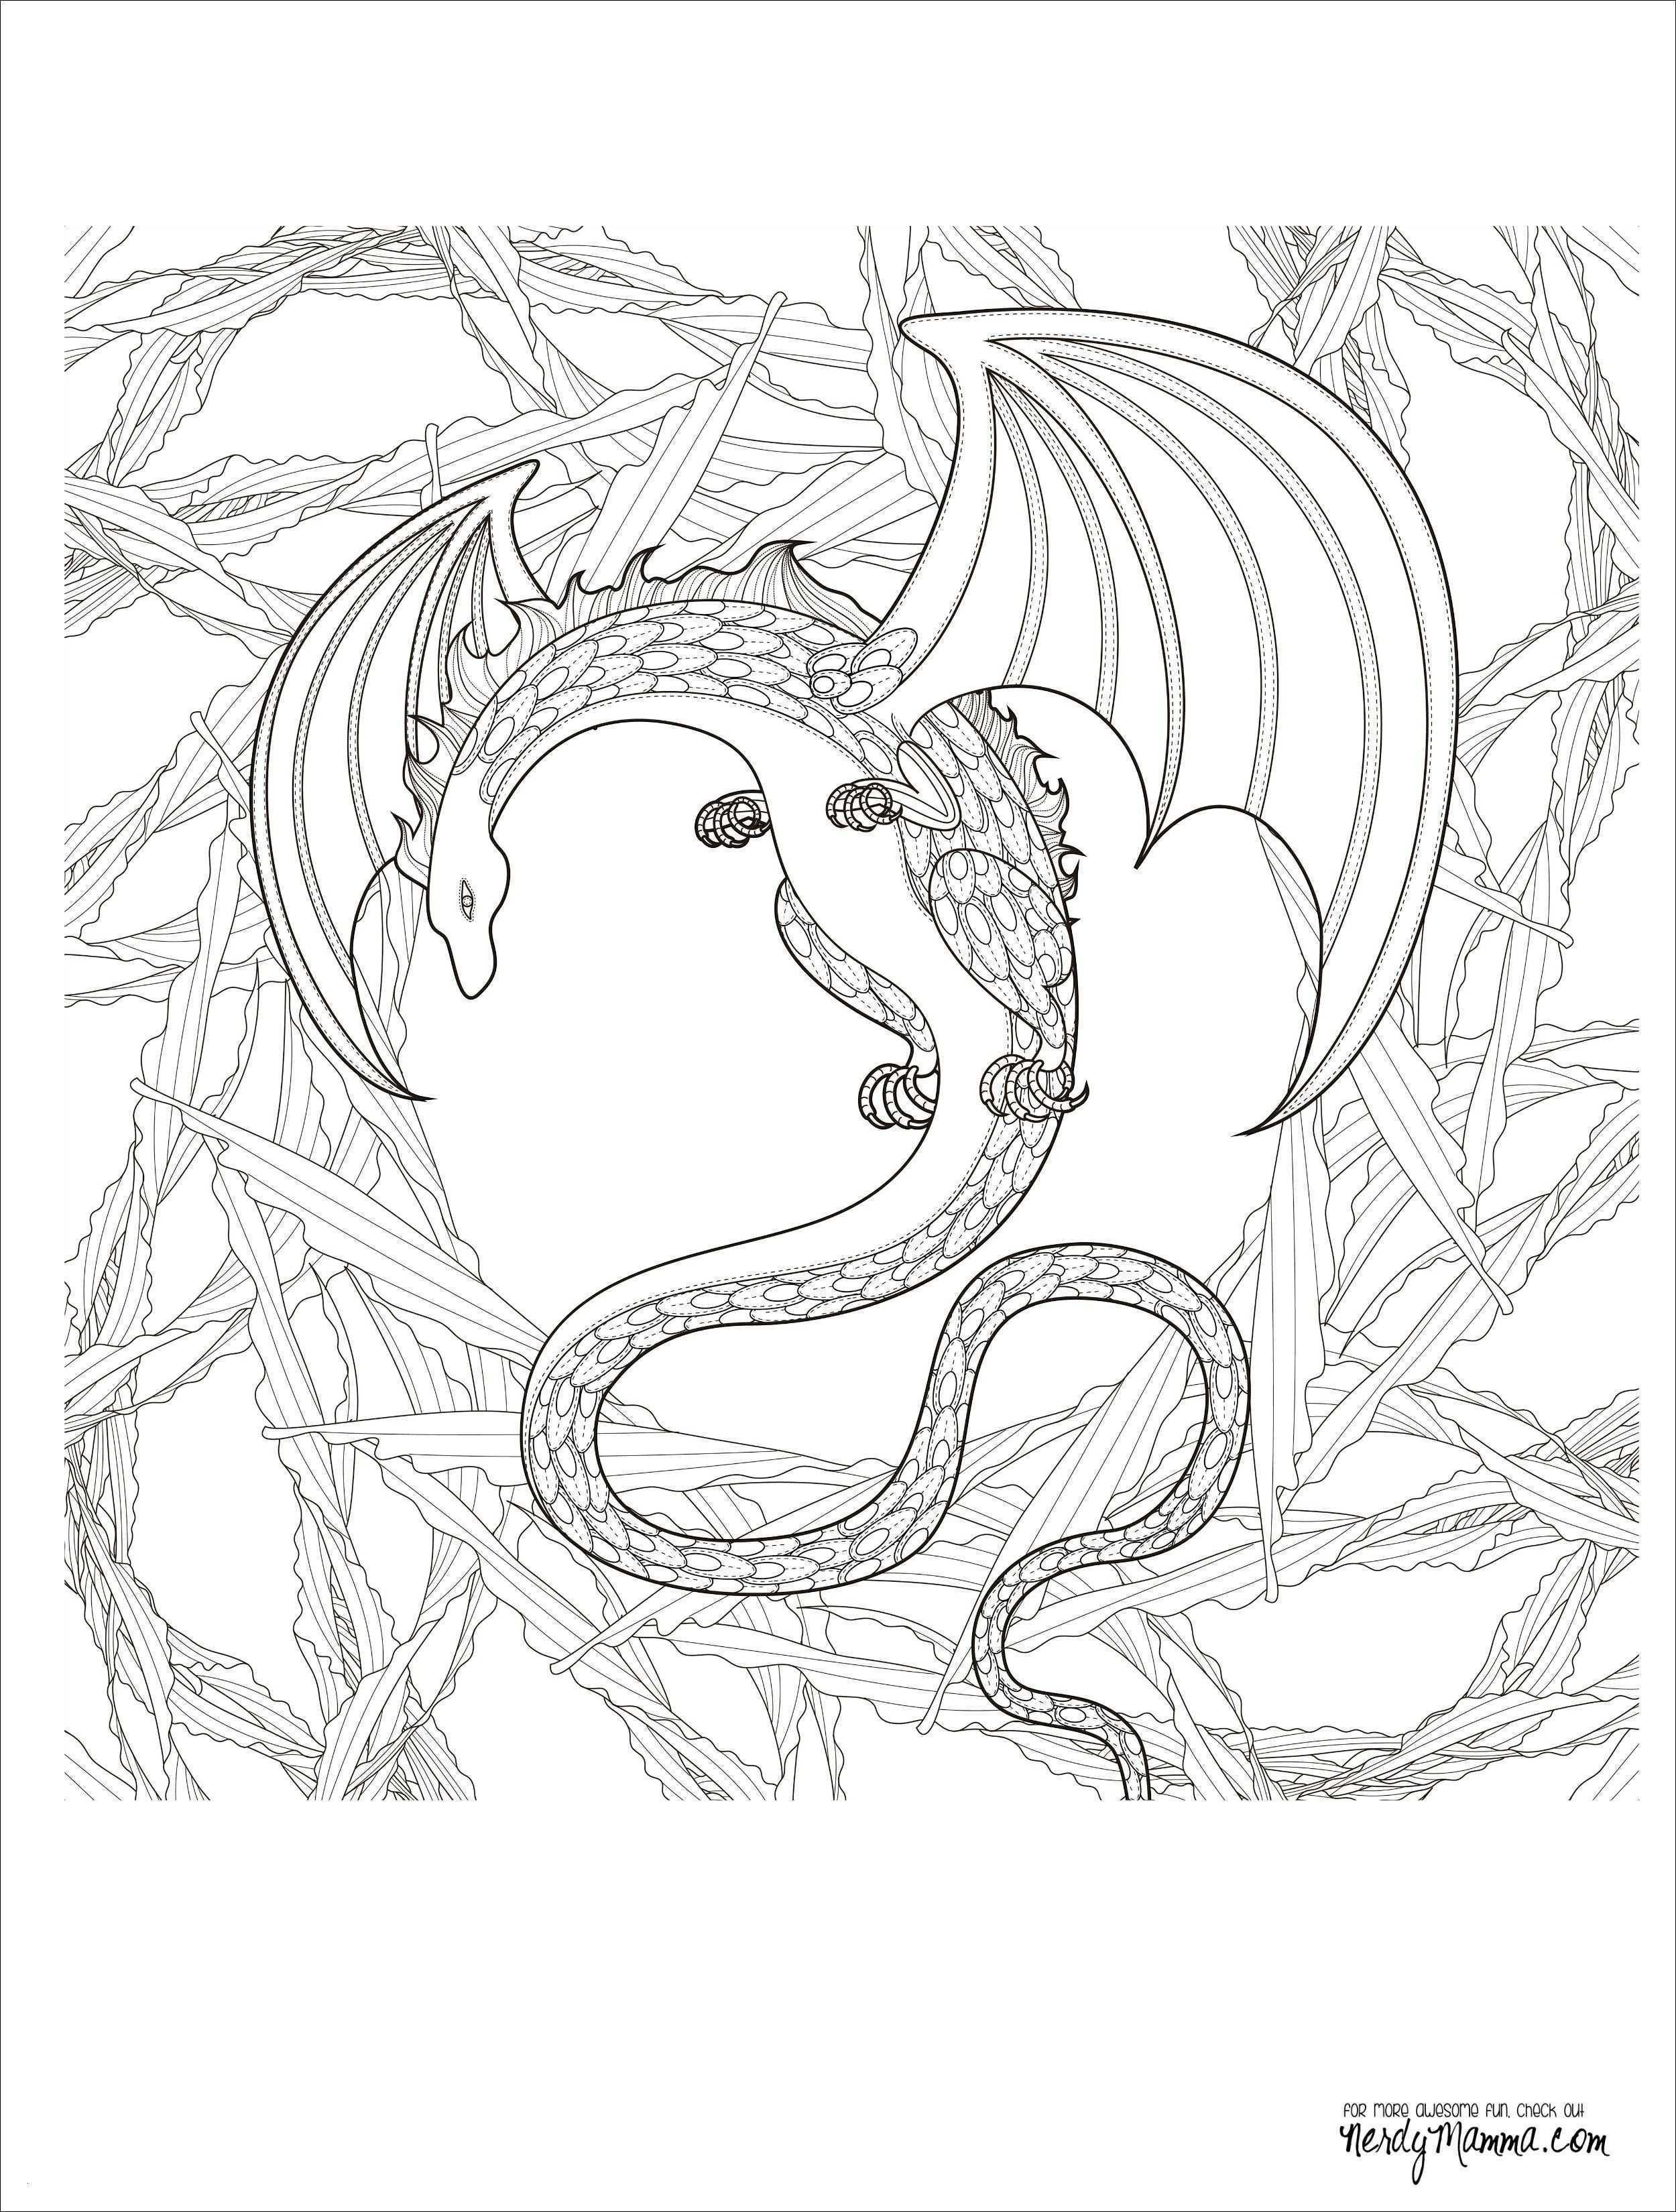 Anspruchsvolle Mandalas Zum Ausdrucken Neu Einhorn Mandalas Zum Ausdrucken Vorstellung 40 Ausmalbilder Bilder